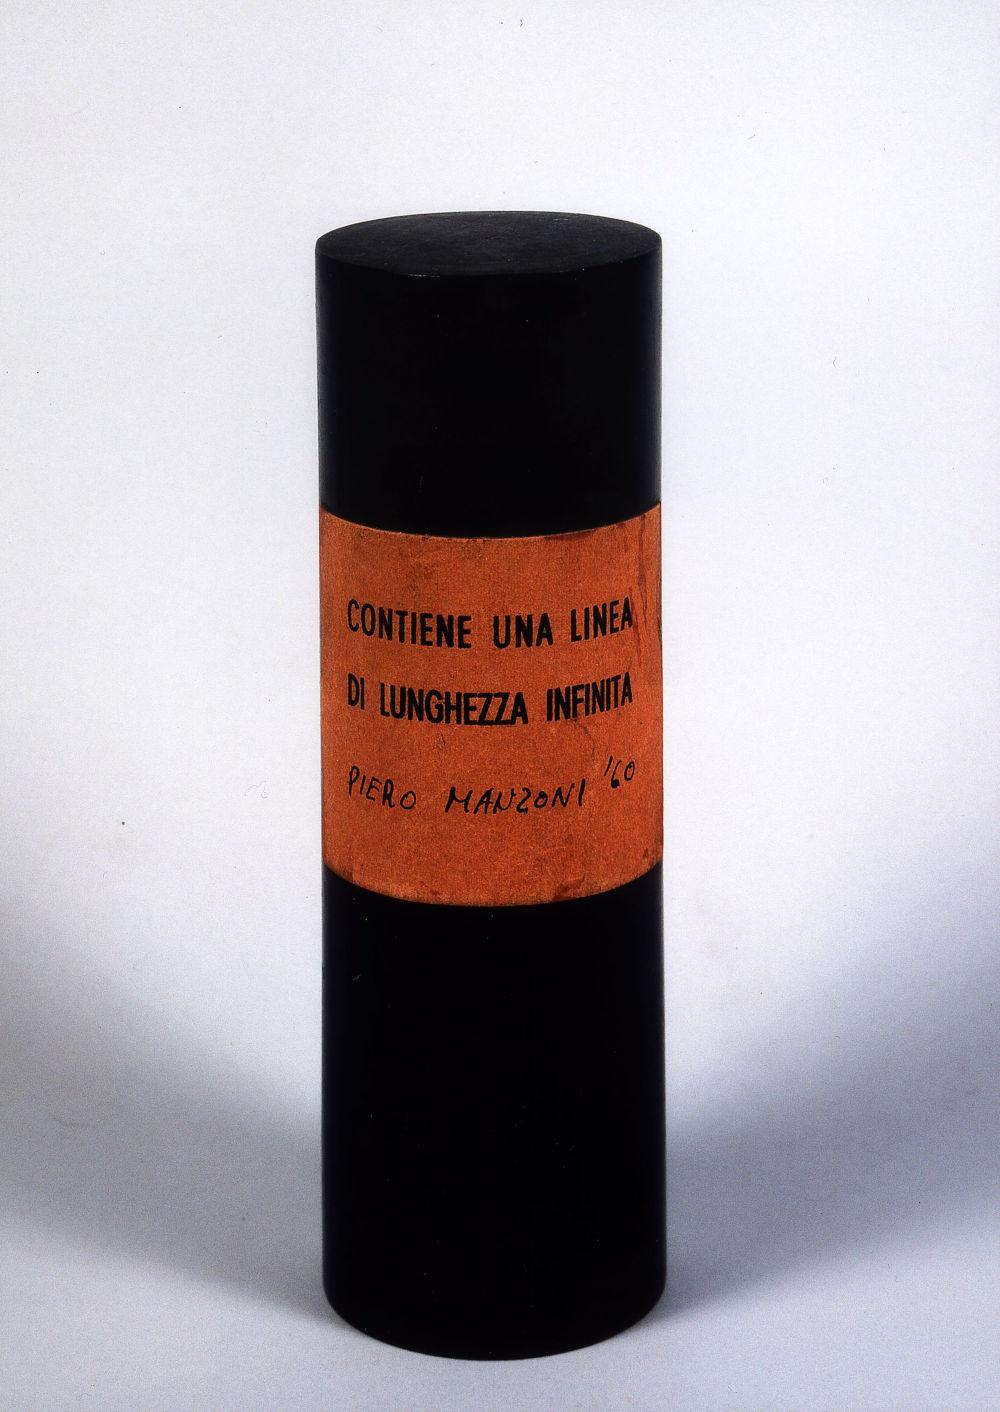 Piero Manzoni, Linea di lunghezza infinita (Line of endless length), 1960. Wooden cylinder, paper label 15 x 4.8 cm / 5 7/8 x 1 7/8 in © Fondazione Piero Manzoni, Milano. Courtesy of the Foundation and Hauser & Wirth